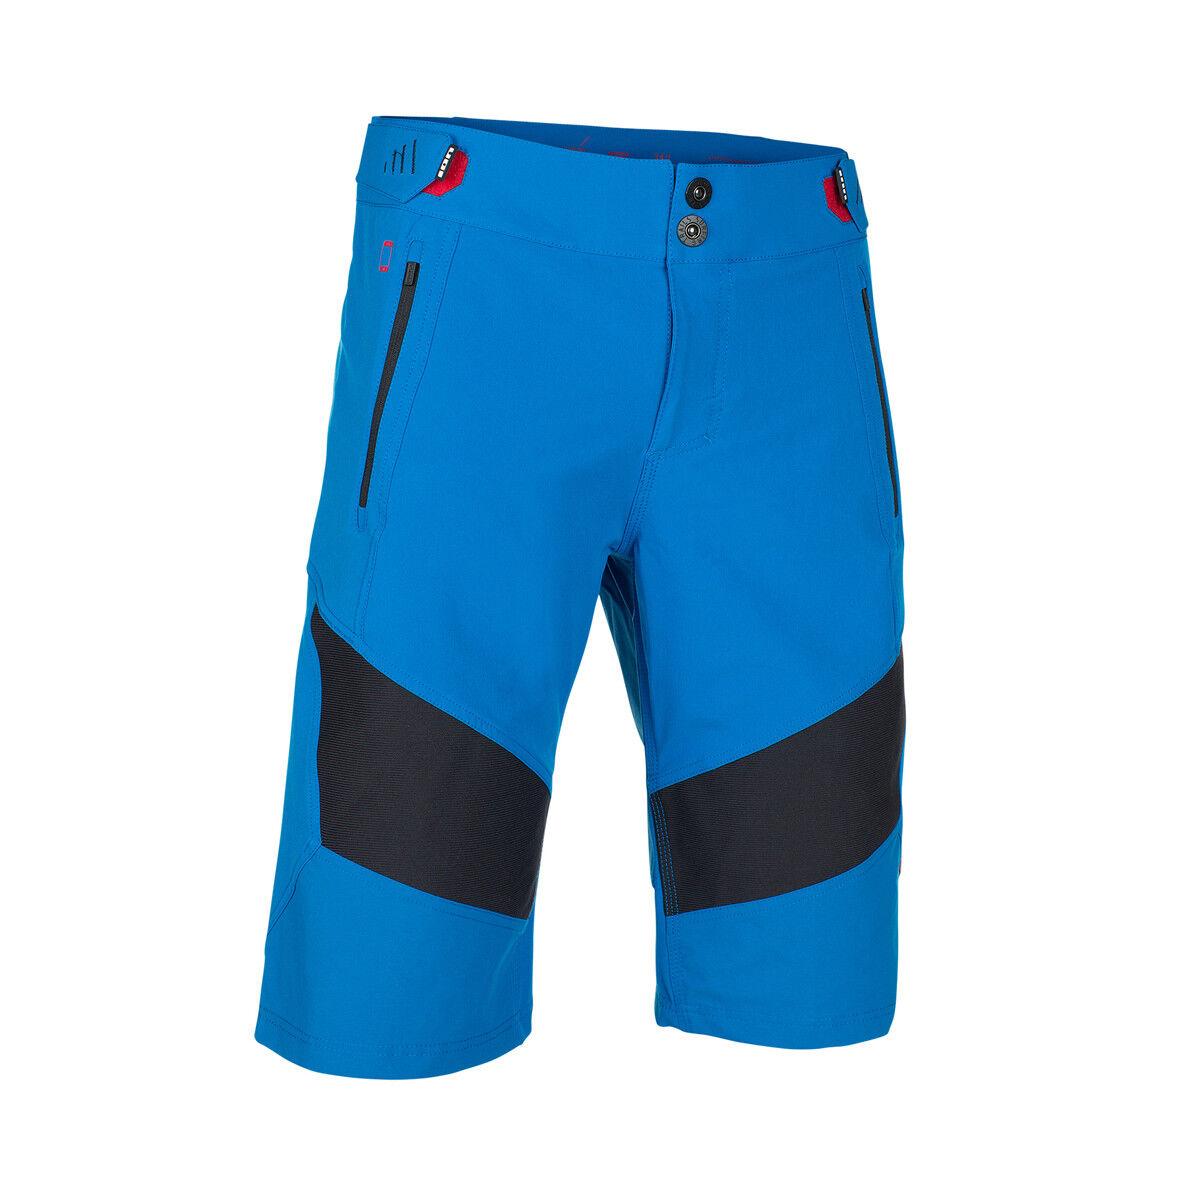 Ion Slash Fahrrad Amp Fahrrad Slash Short Hose kurz blau 2017 5bd8e9